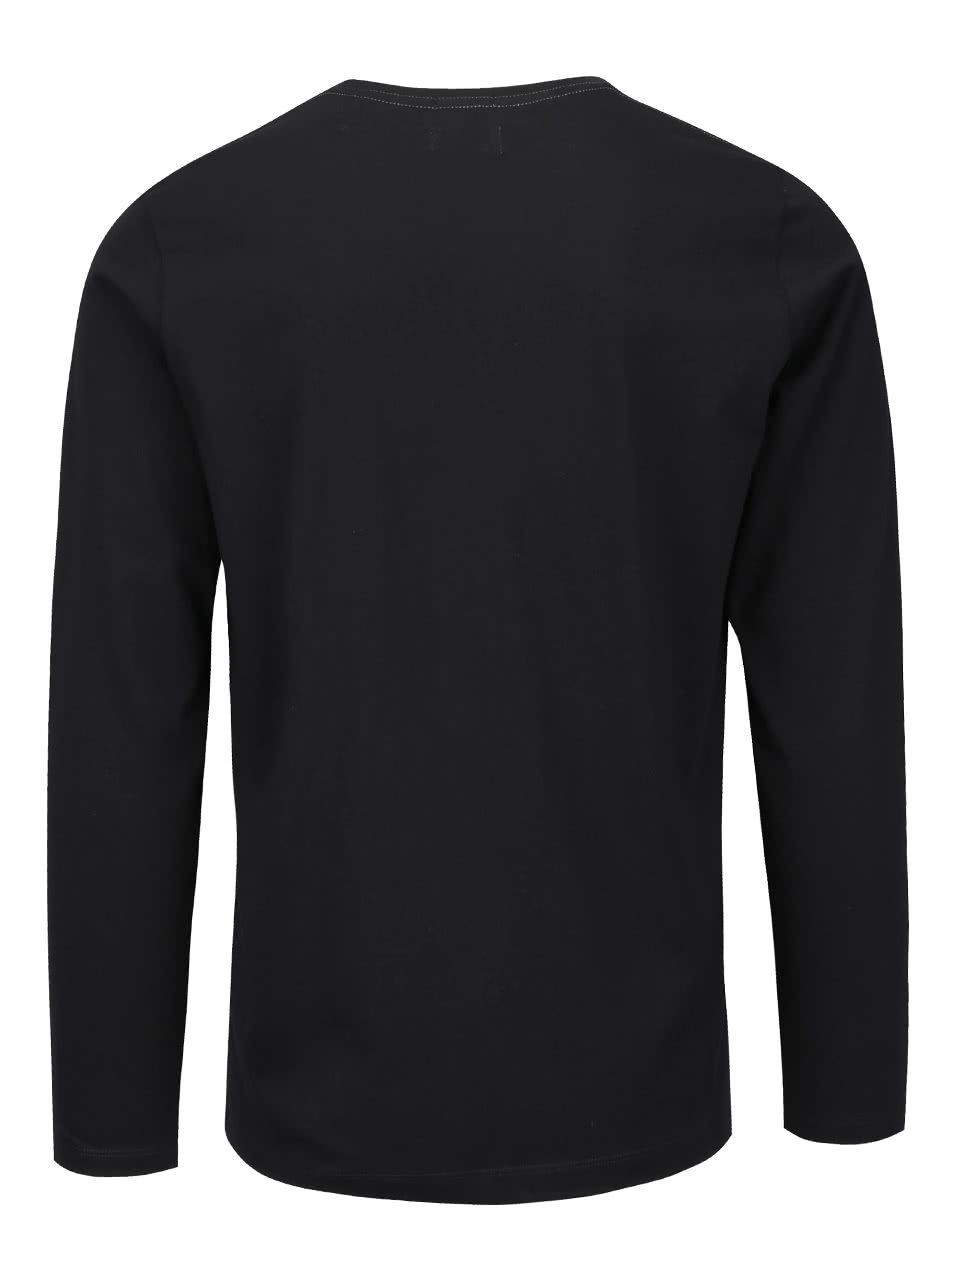 Čierne pánske tričko s dlhým rukávom Pepe Jeans Eggo long ... c79587f203